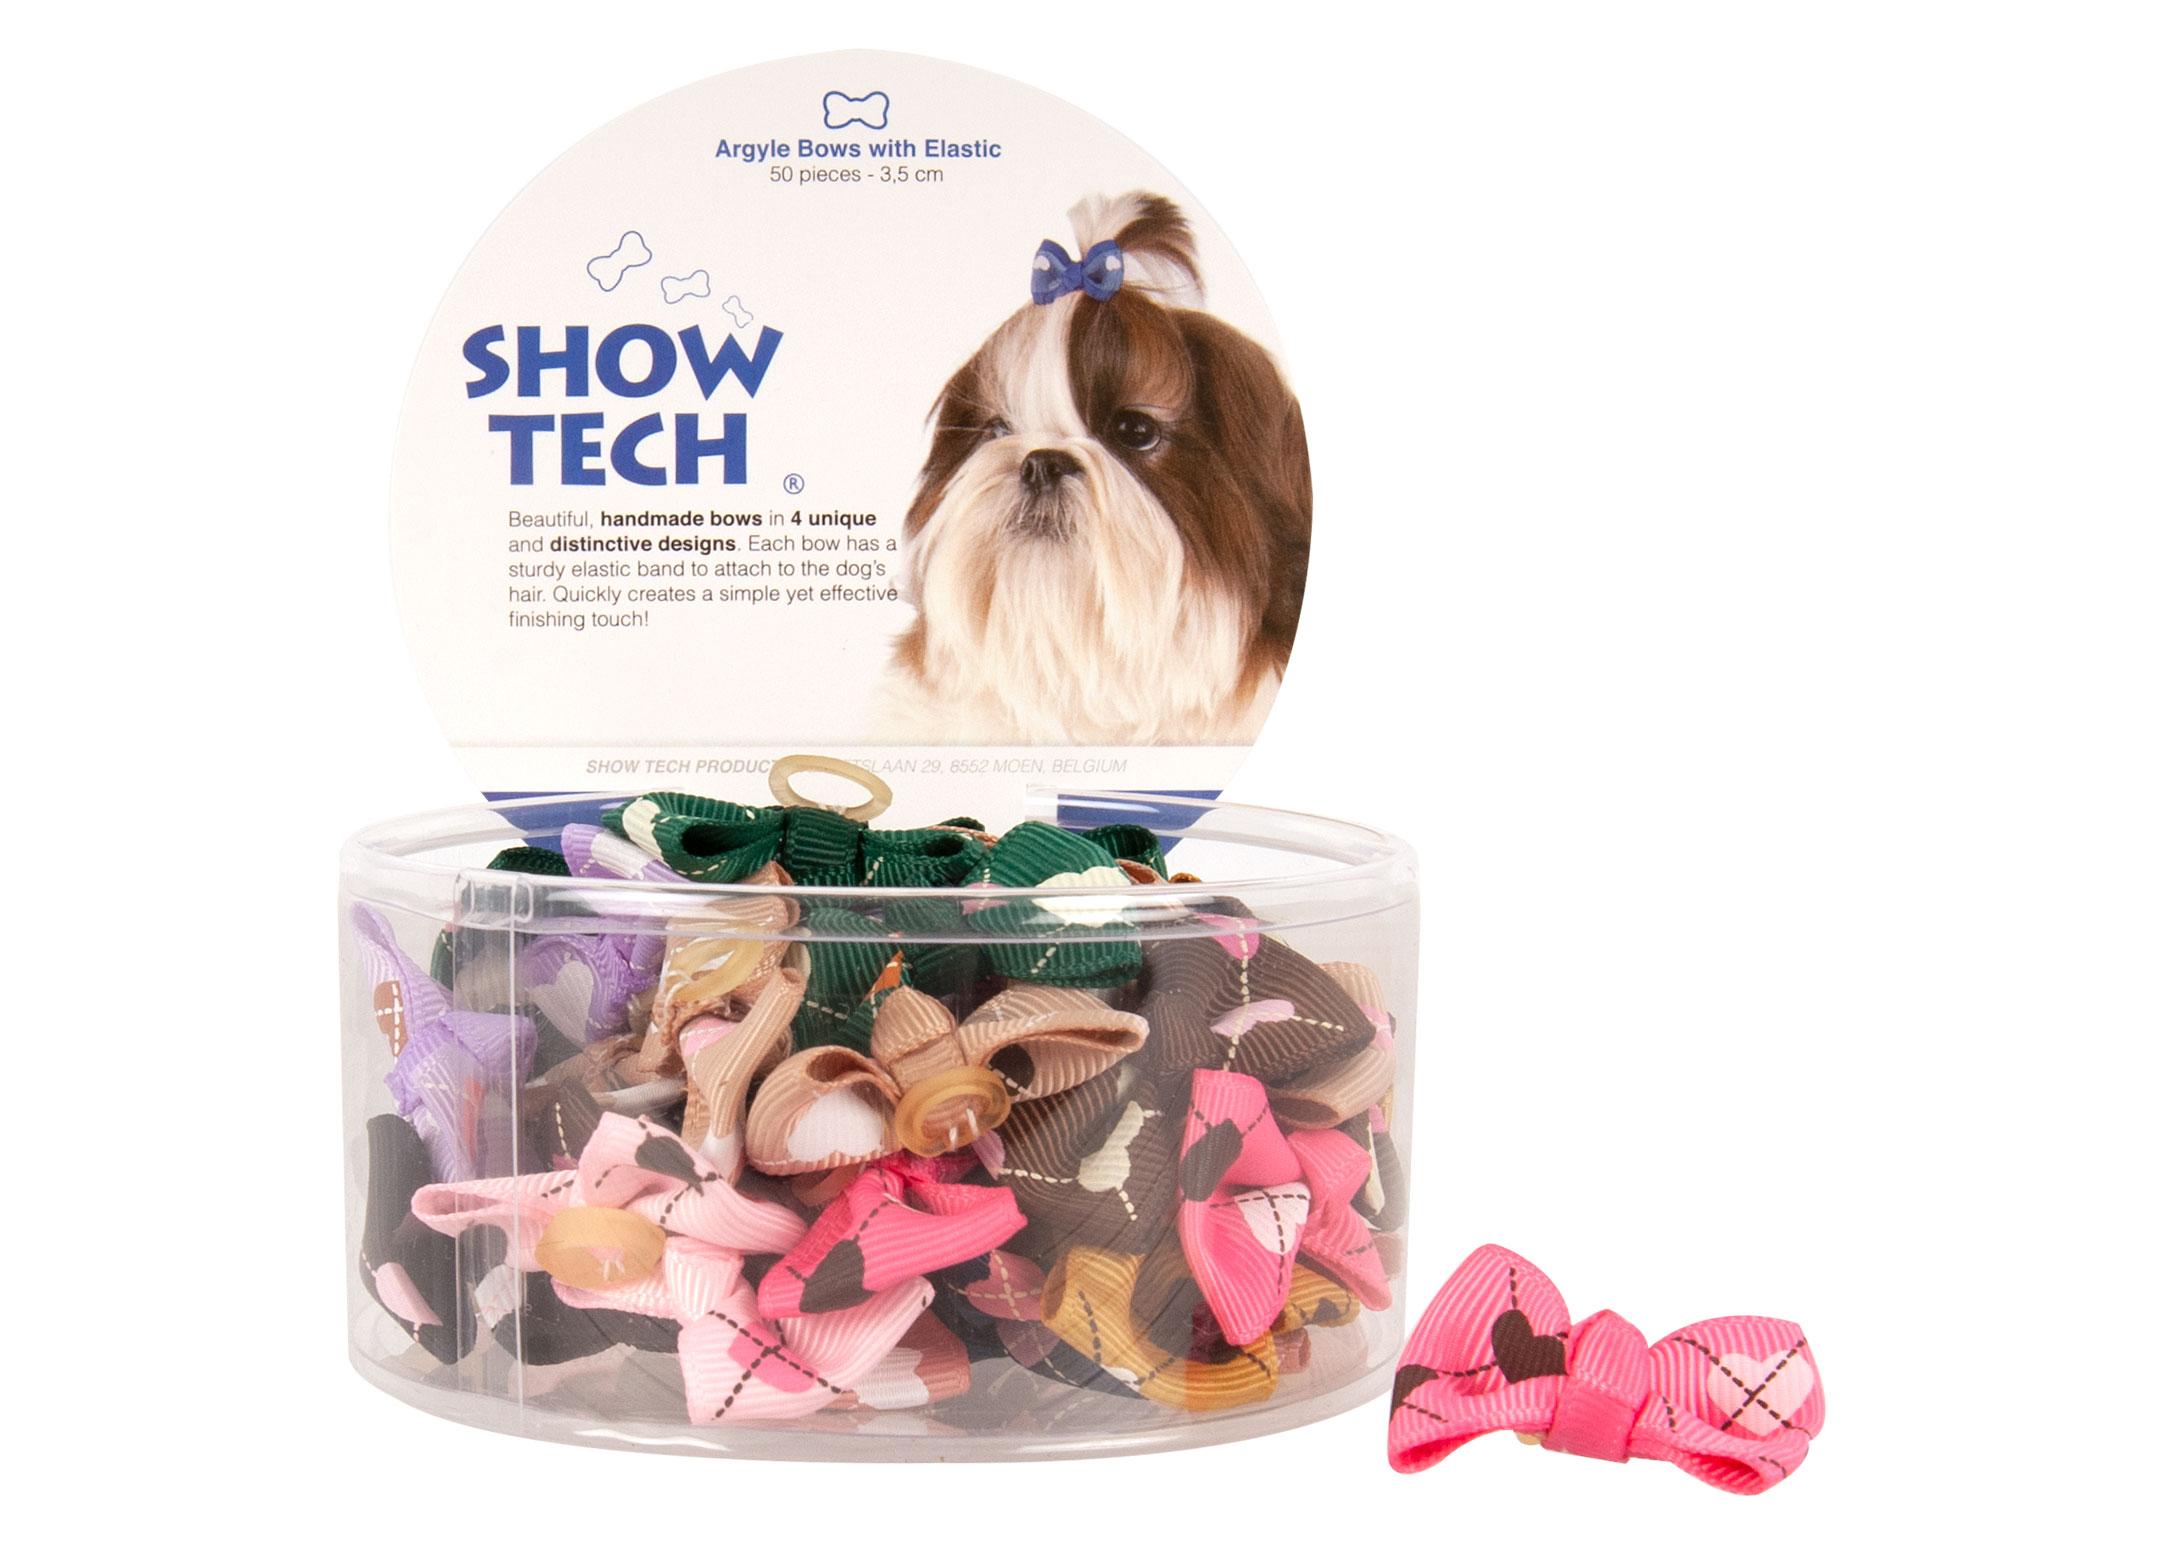 Show Tech Argyle Bows with Elastic 50 pcs Bows